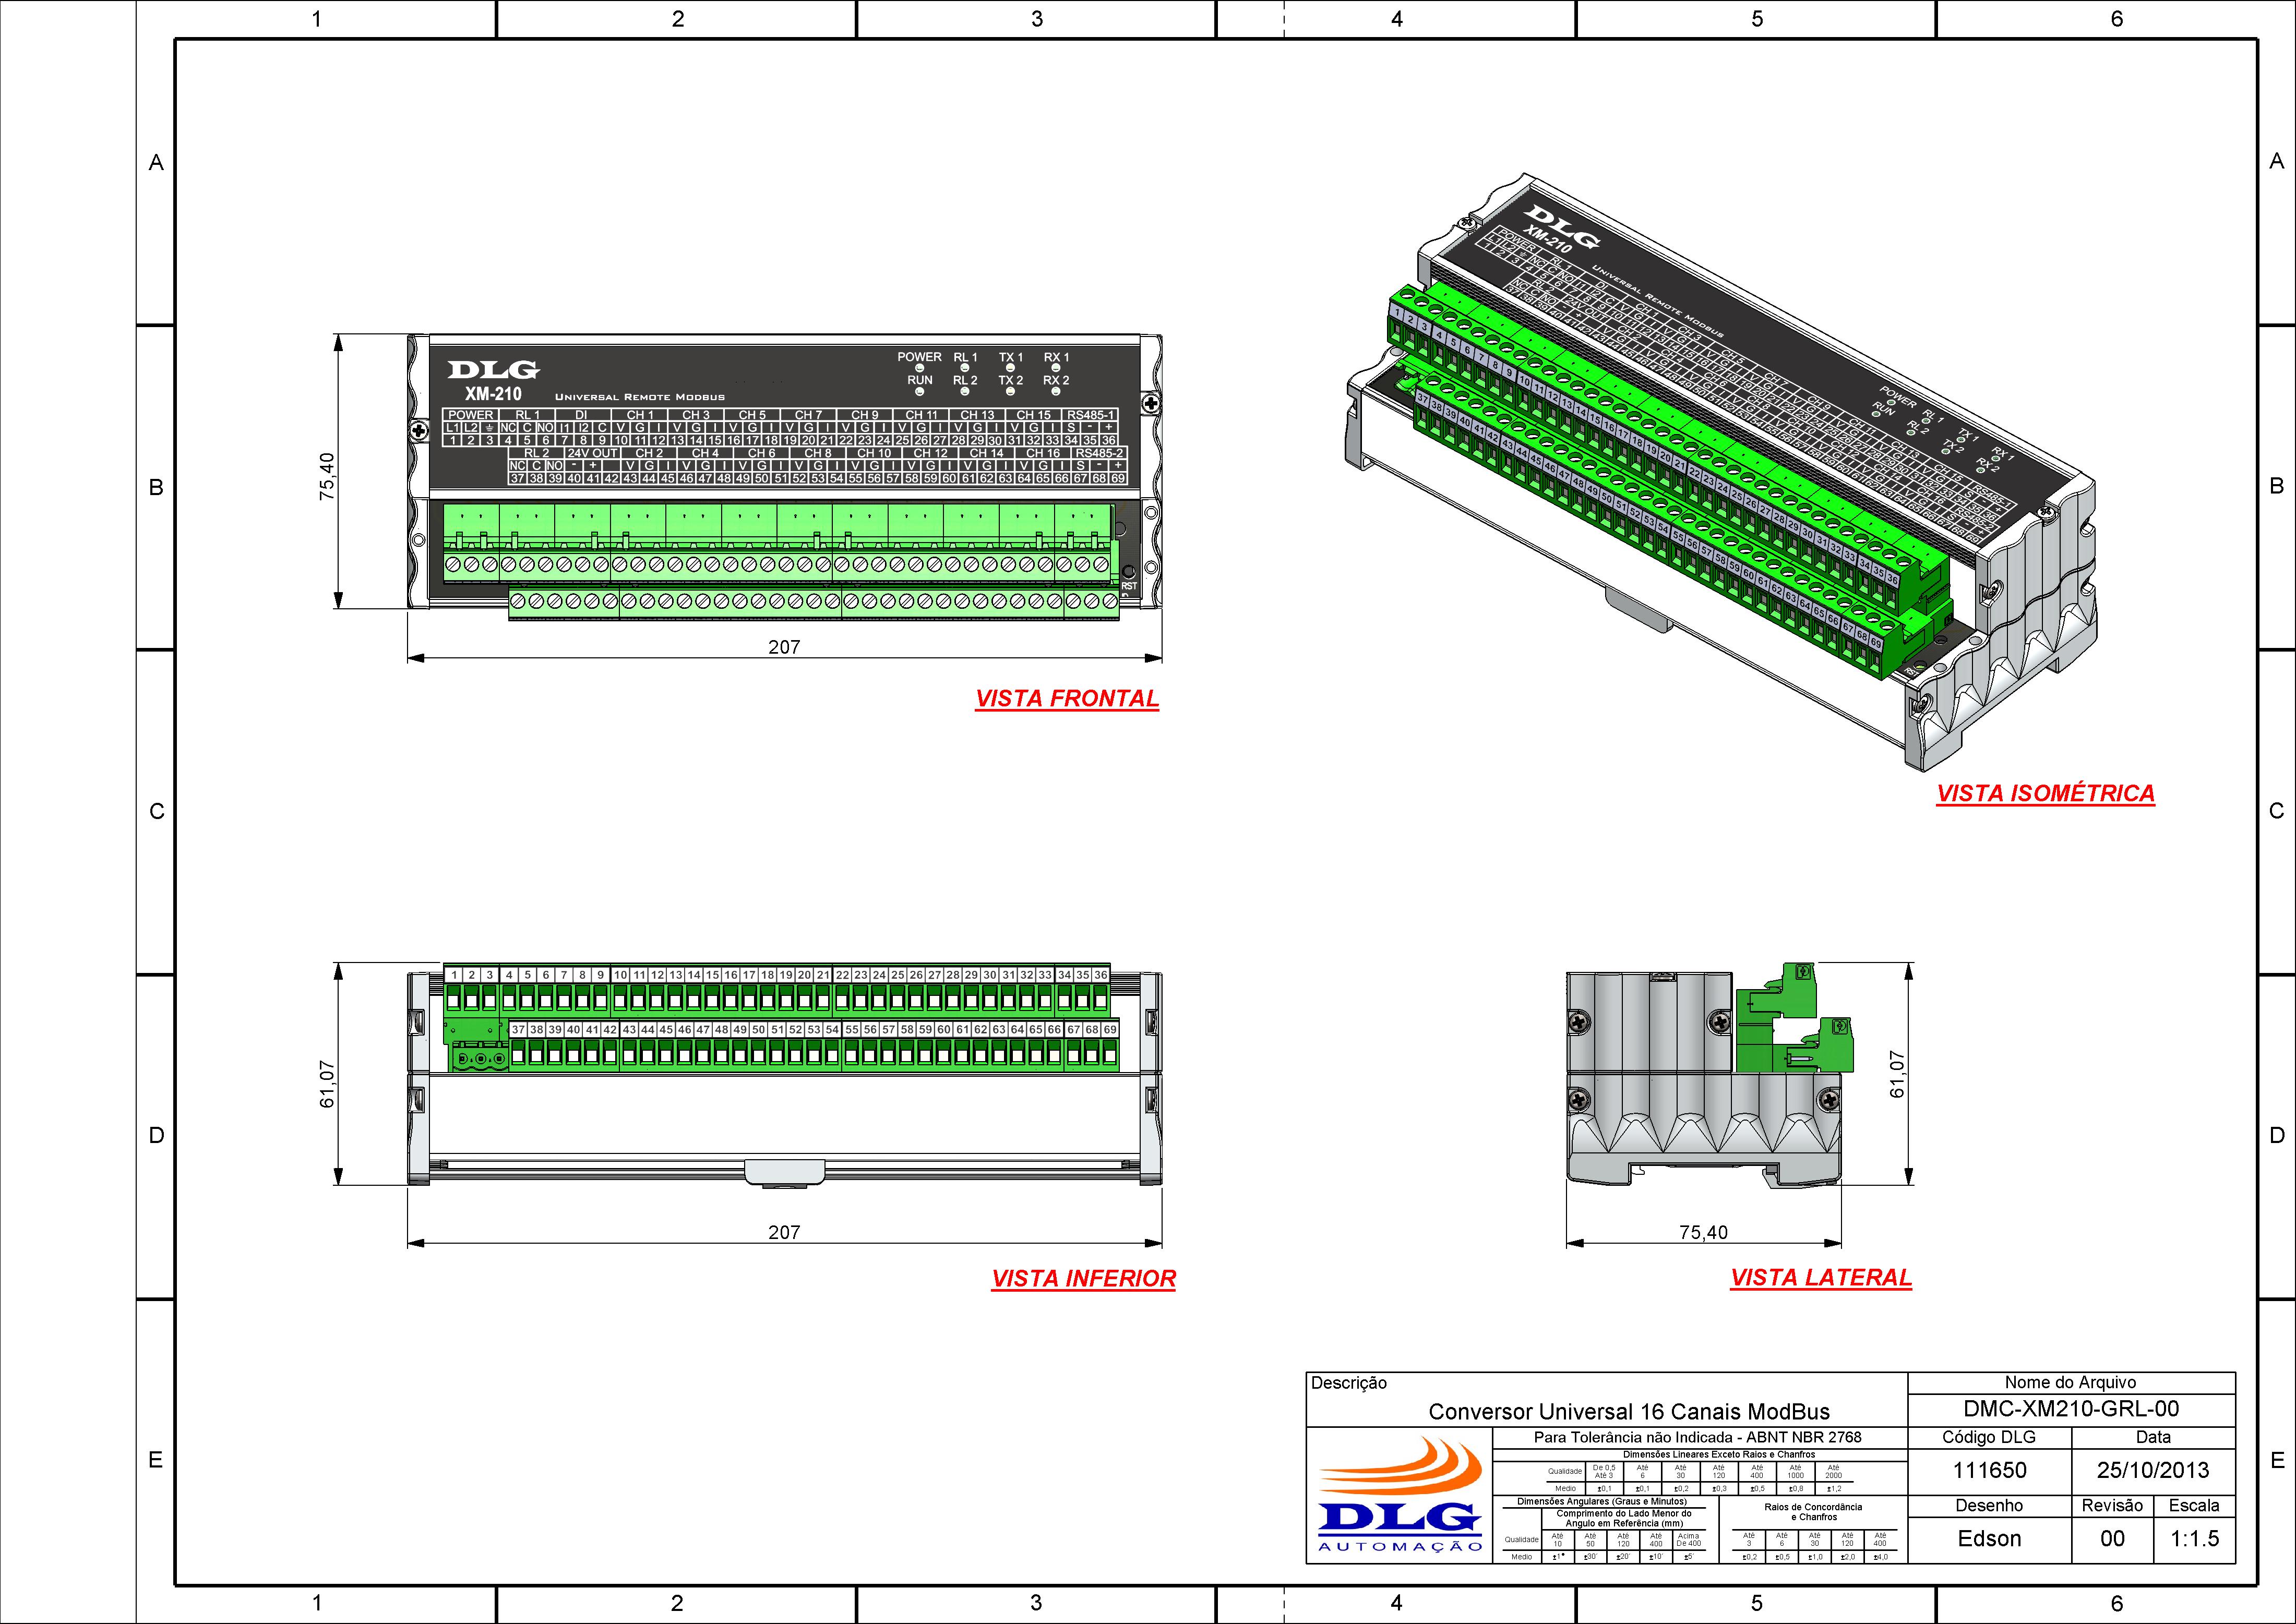 fr e520 0.75 k manual